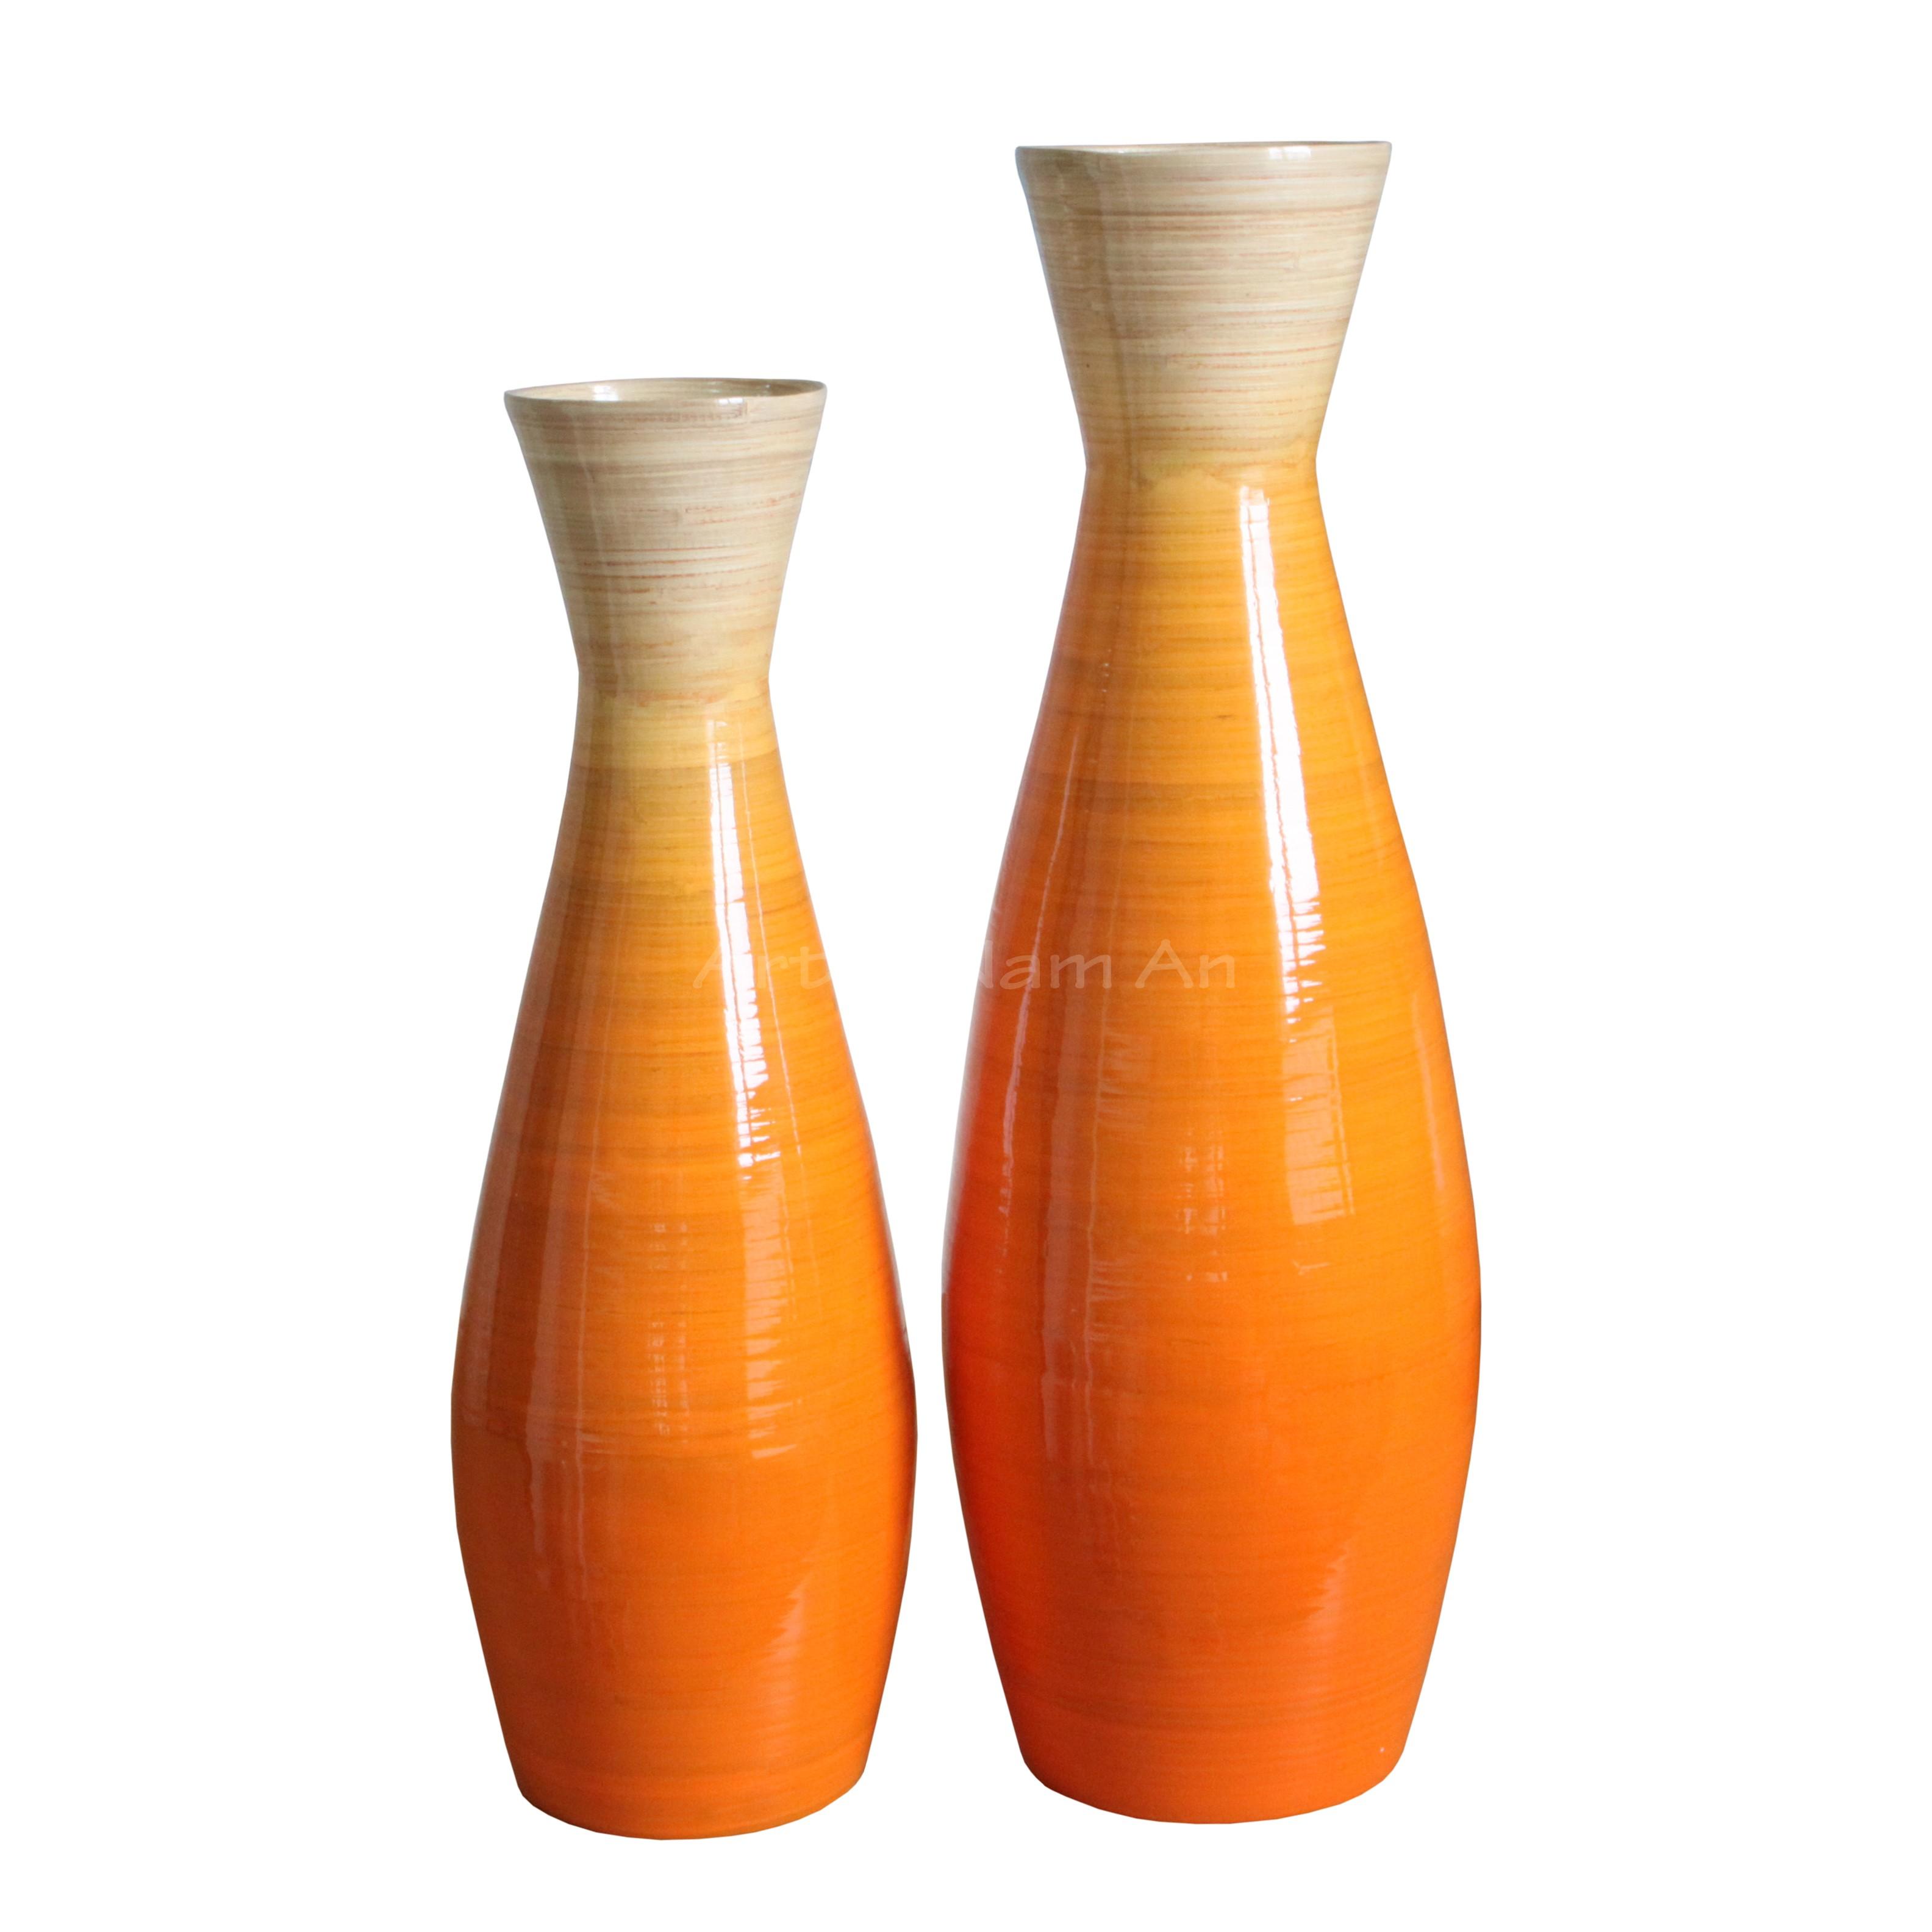 Home garden home accessories dcor vases round spun home garden home accessories dcor vases round spun bamboo descor vase reviewsmspy